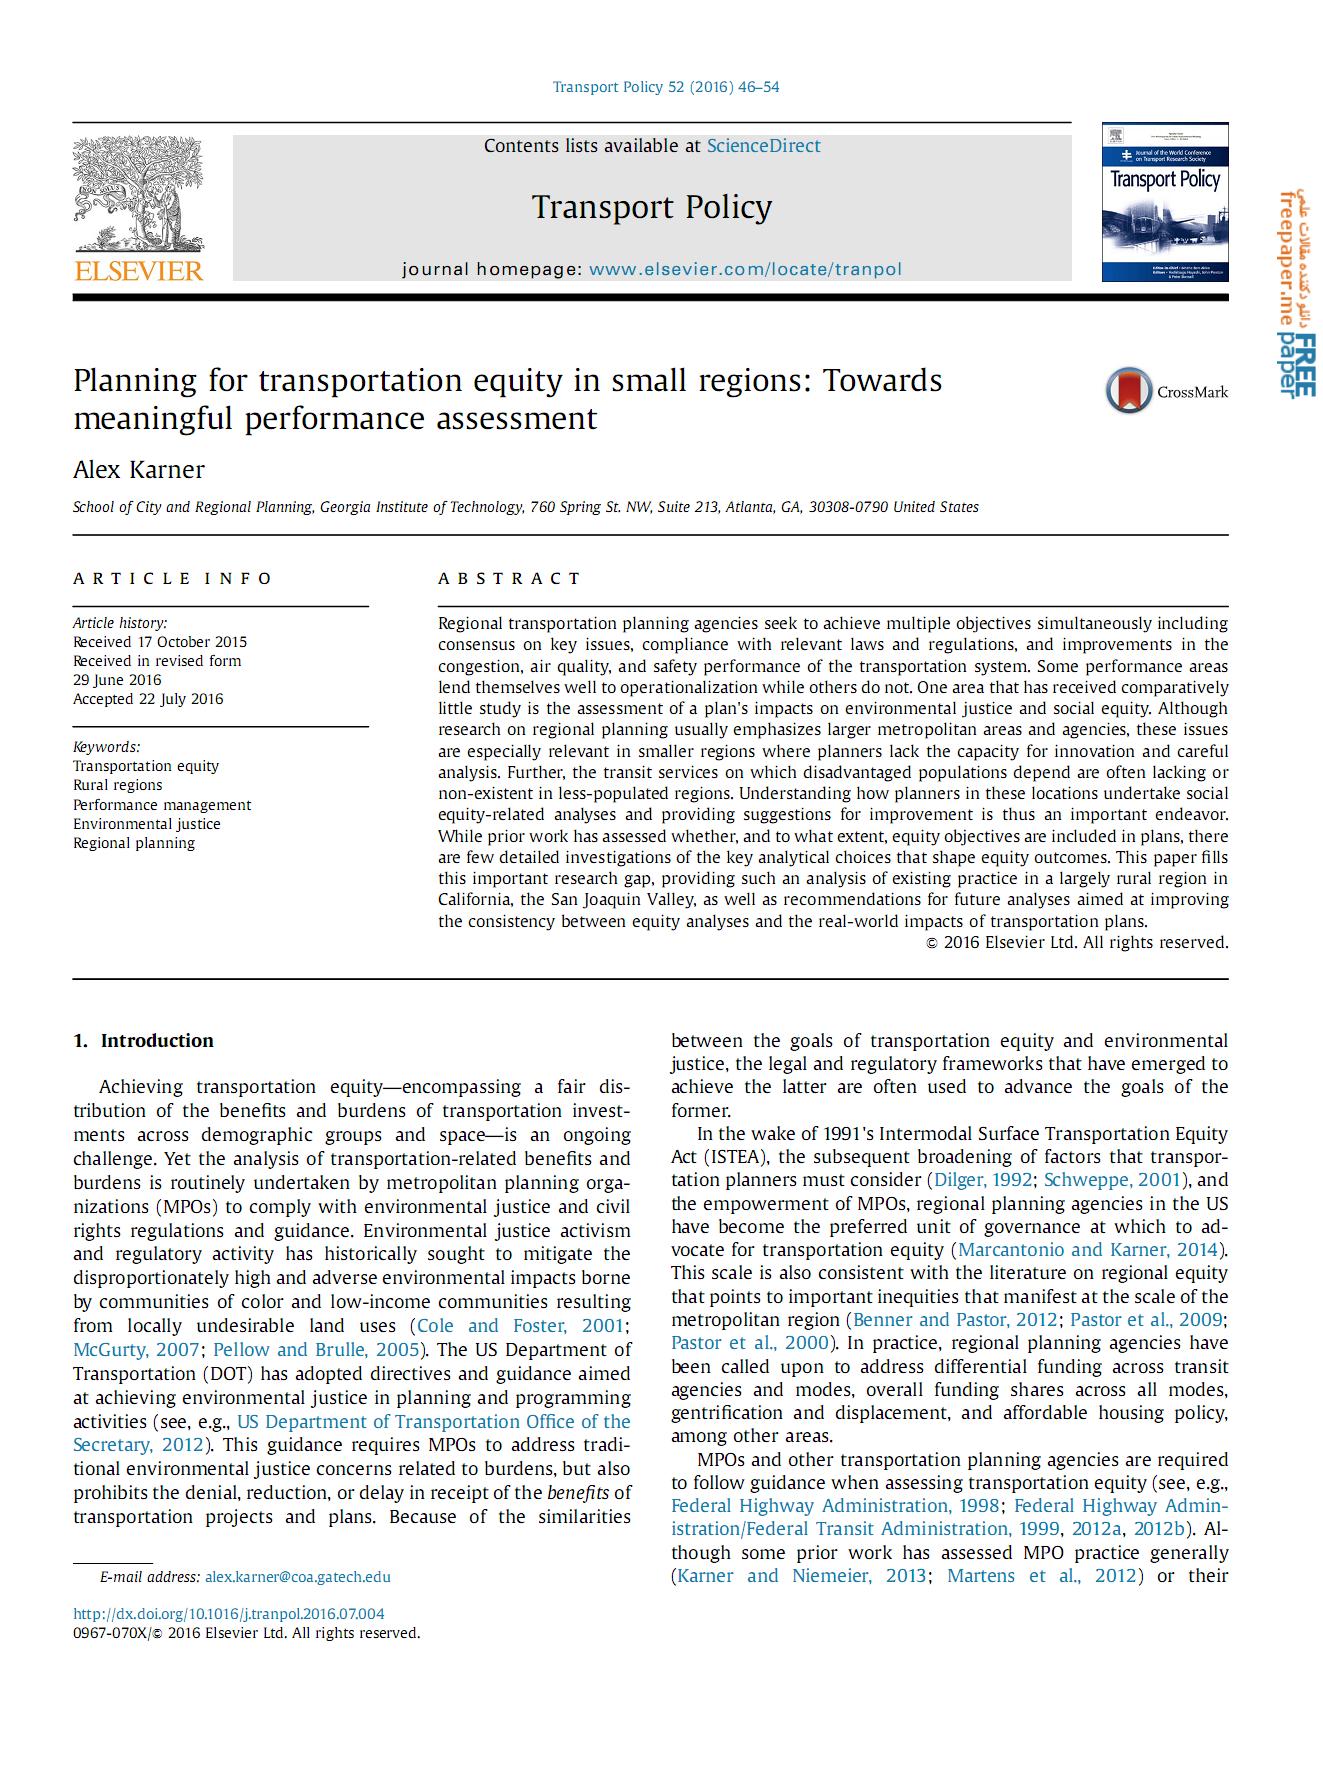 برنامه ریزی برای سهام حمل و نقل در مناطق کوچک: بسمت ارزیابی عملکرد معنی دار